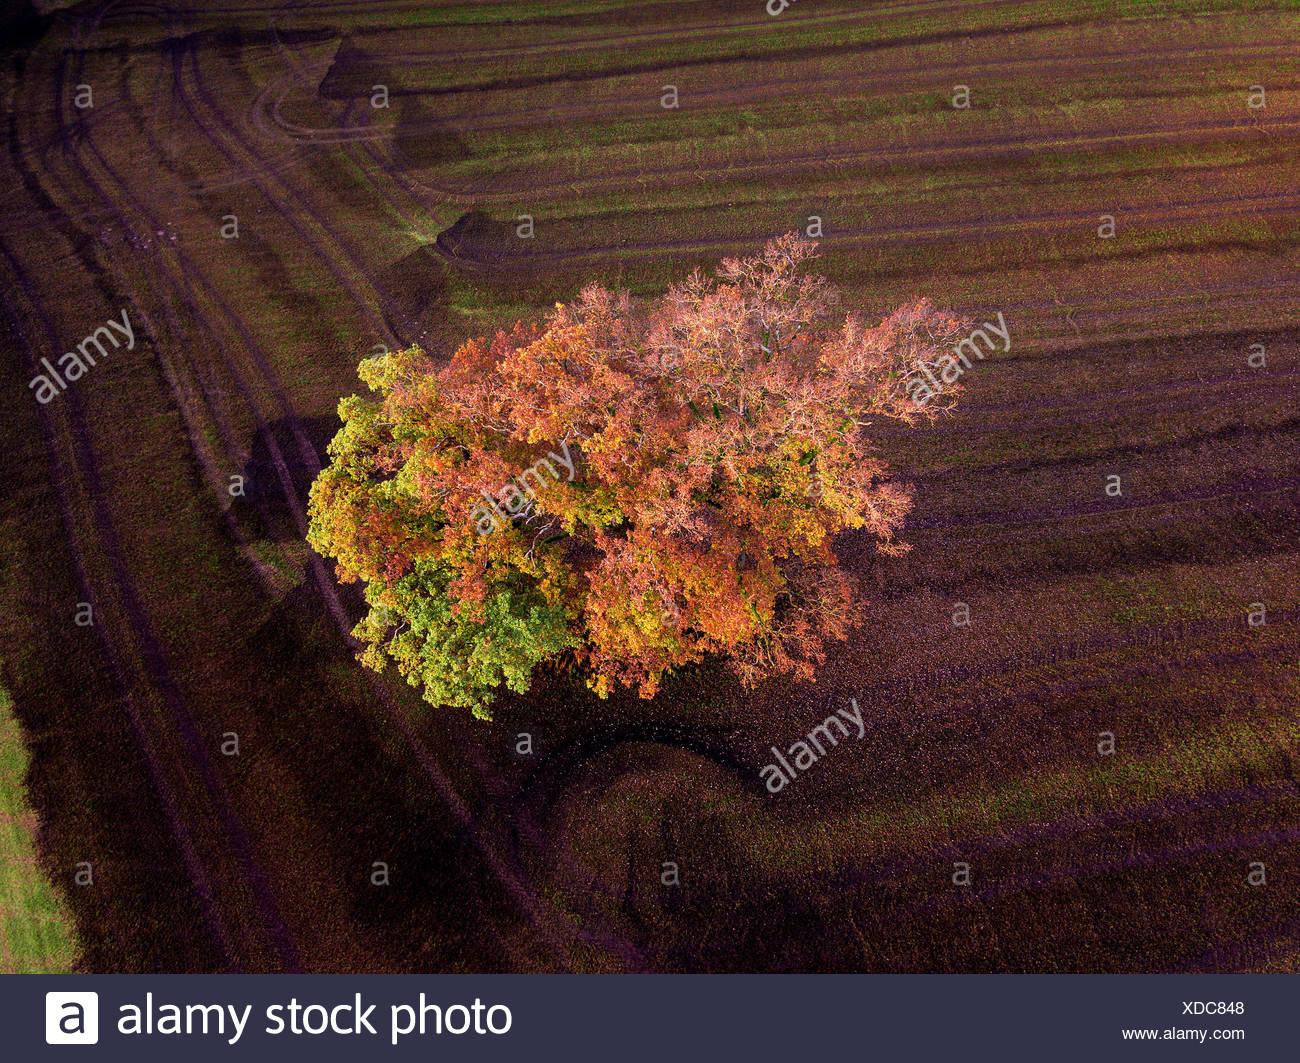 Bunte Felder im Herbst; Landsberieder, farbenfrohe Buche, einzelner Baum auf dem Feld, gedüngtes Feld, Odel, Gülle; Fürstenfeldbruck; Bayern; Deutschl - Stock Image